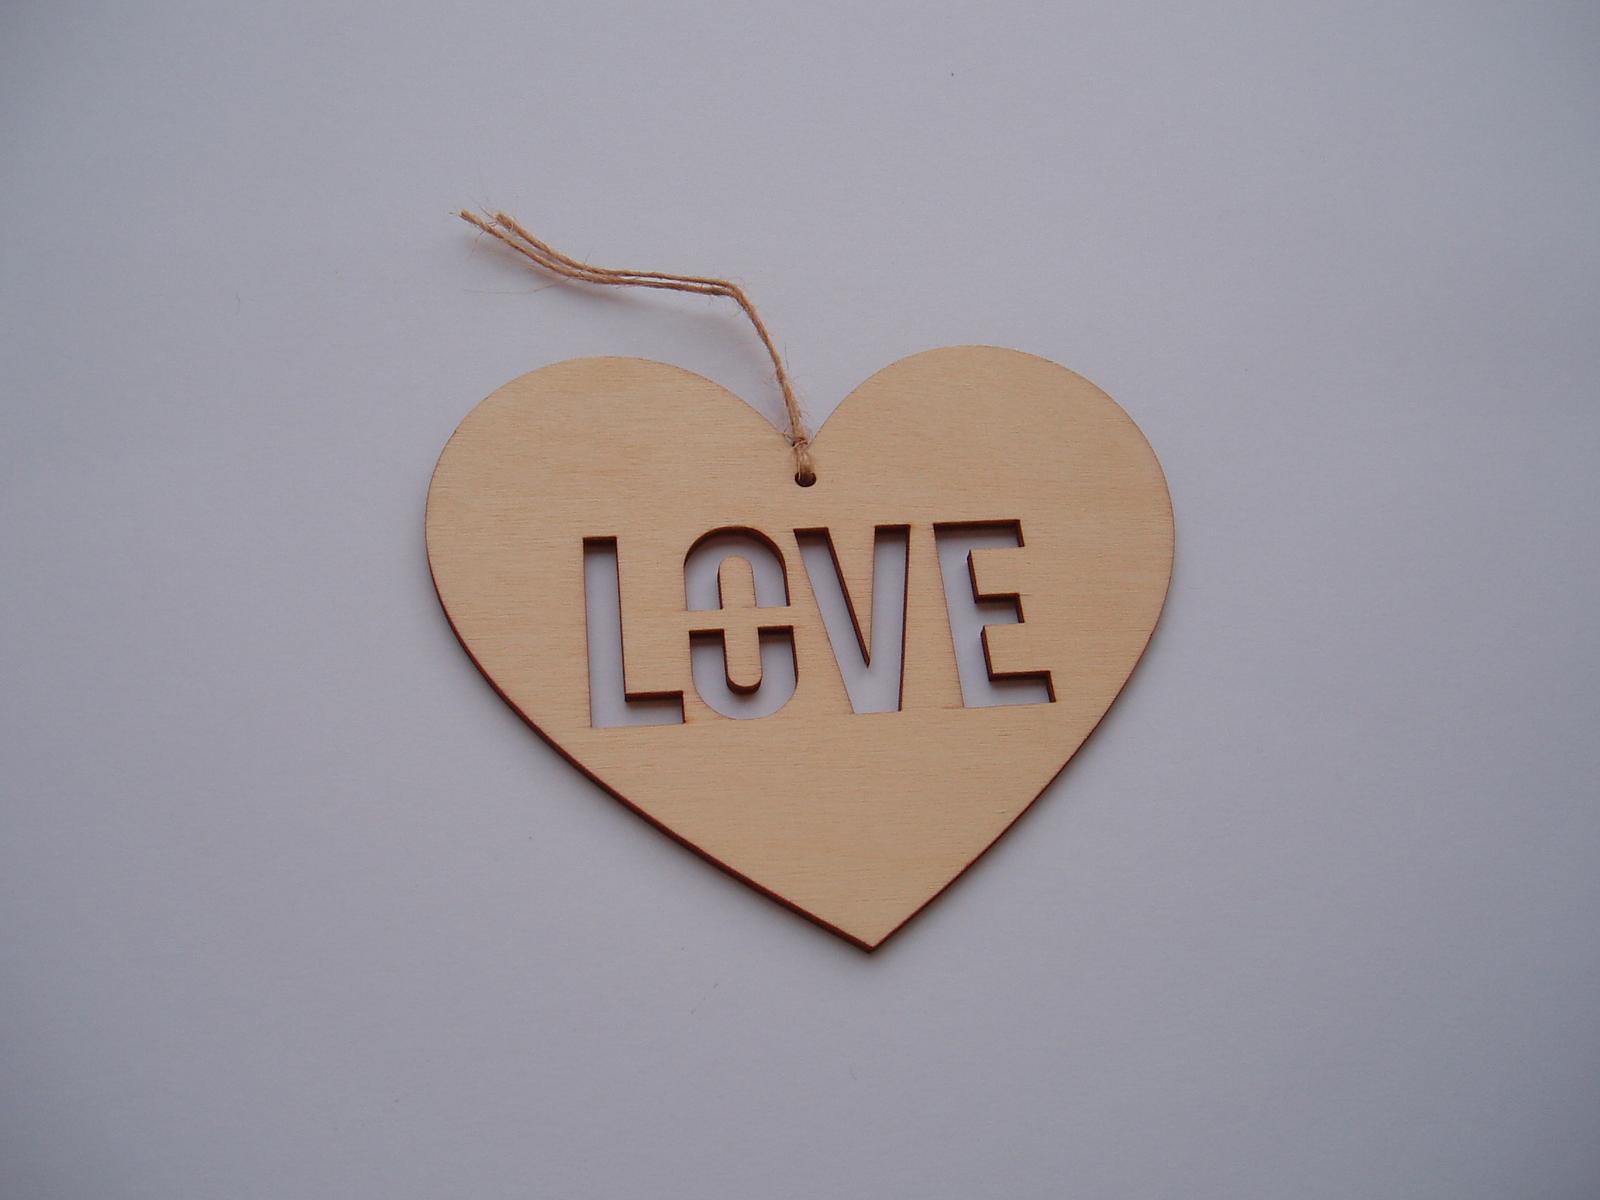 Svatební dekorace - srdce s výřezem LOVE